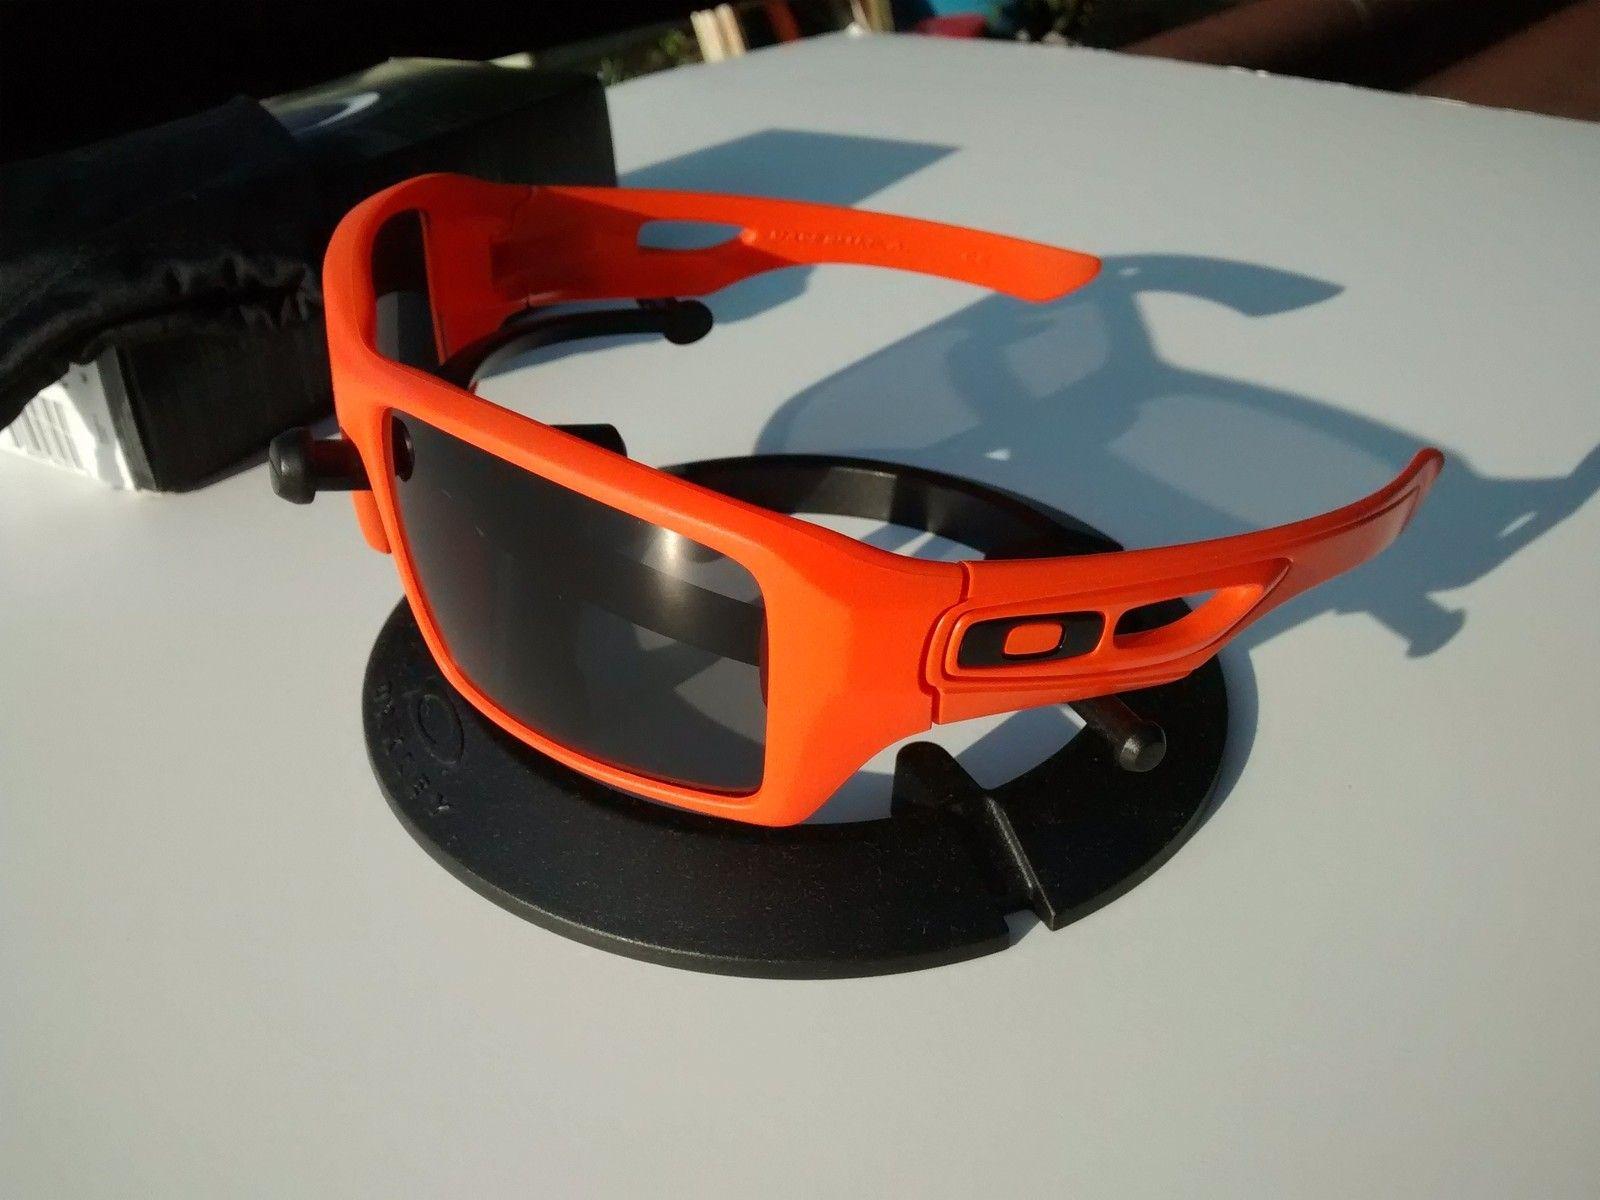 Safety Orange Cerakote Eyepatch 2 - Pq560Ce.jpg